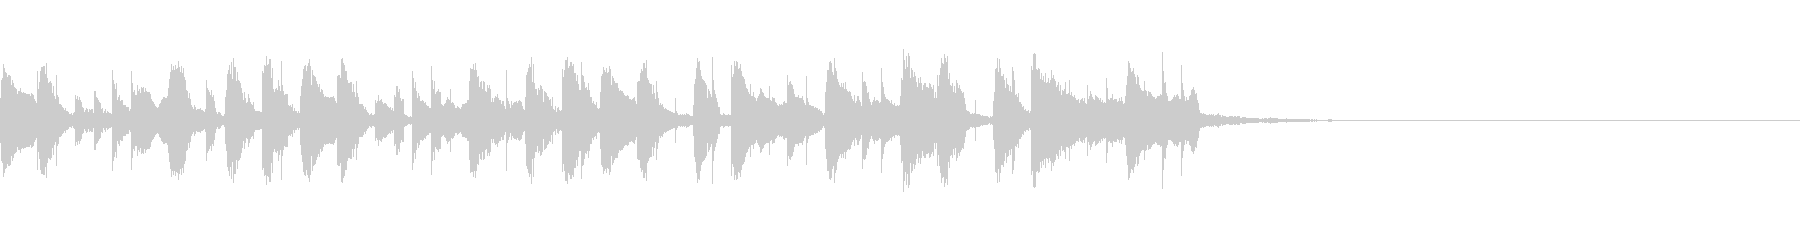 フルートの短くてゆるい曲の未再生の波形